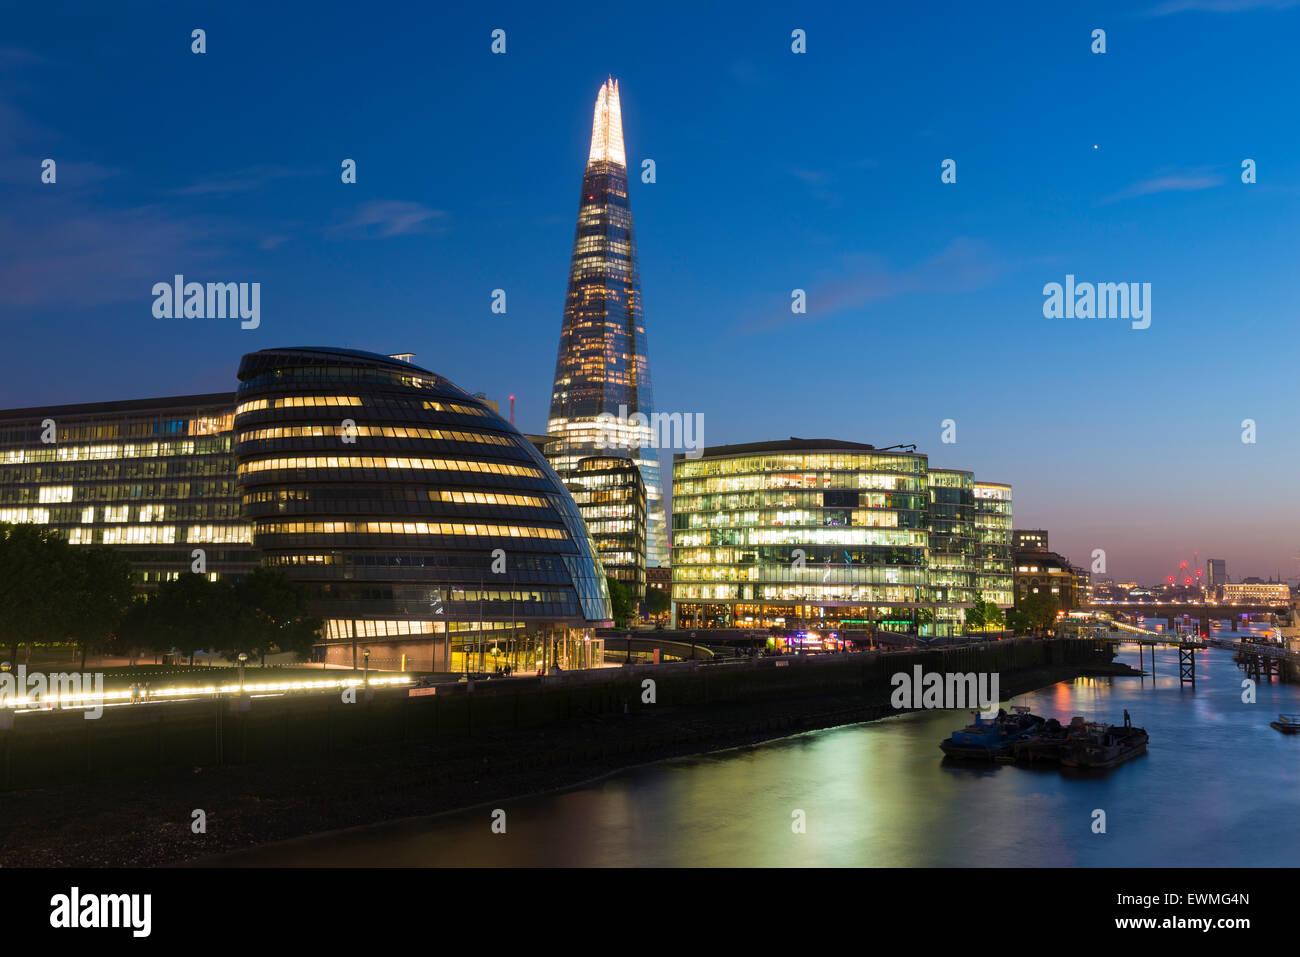 El rascacielos Shard, el Támesis, Londres, Inglaterra, Reino Unido Imagen De Stock